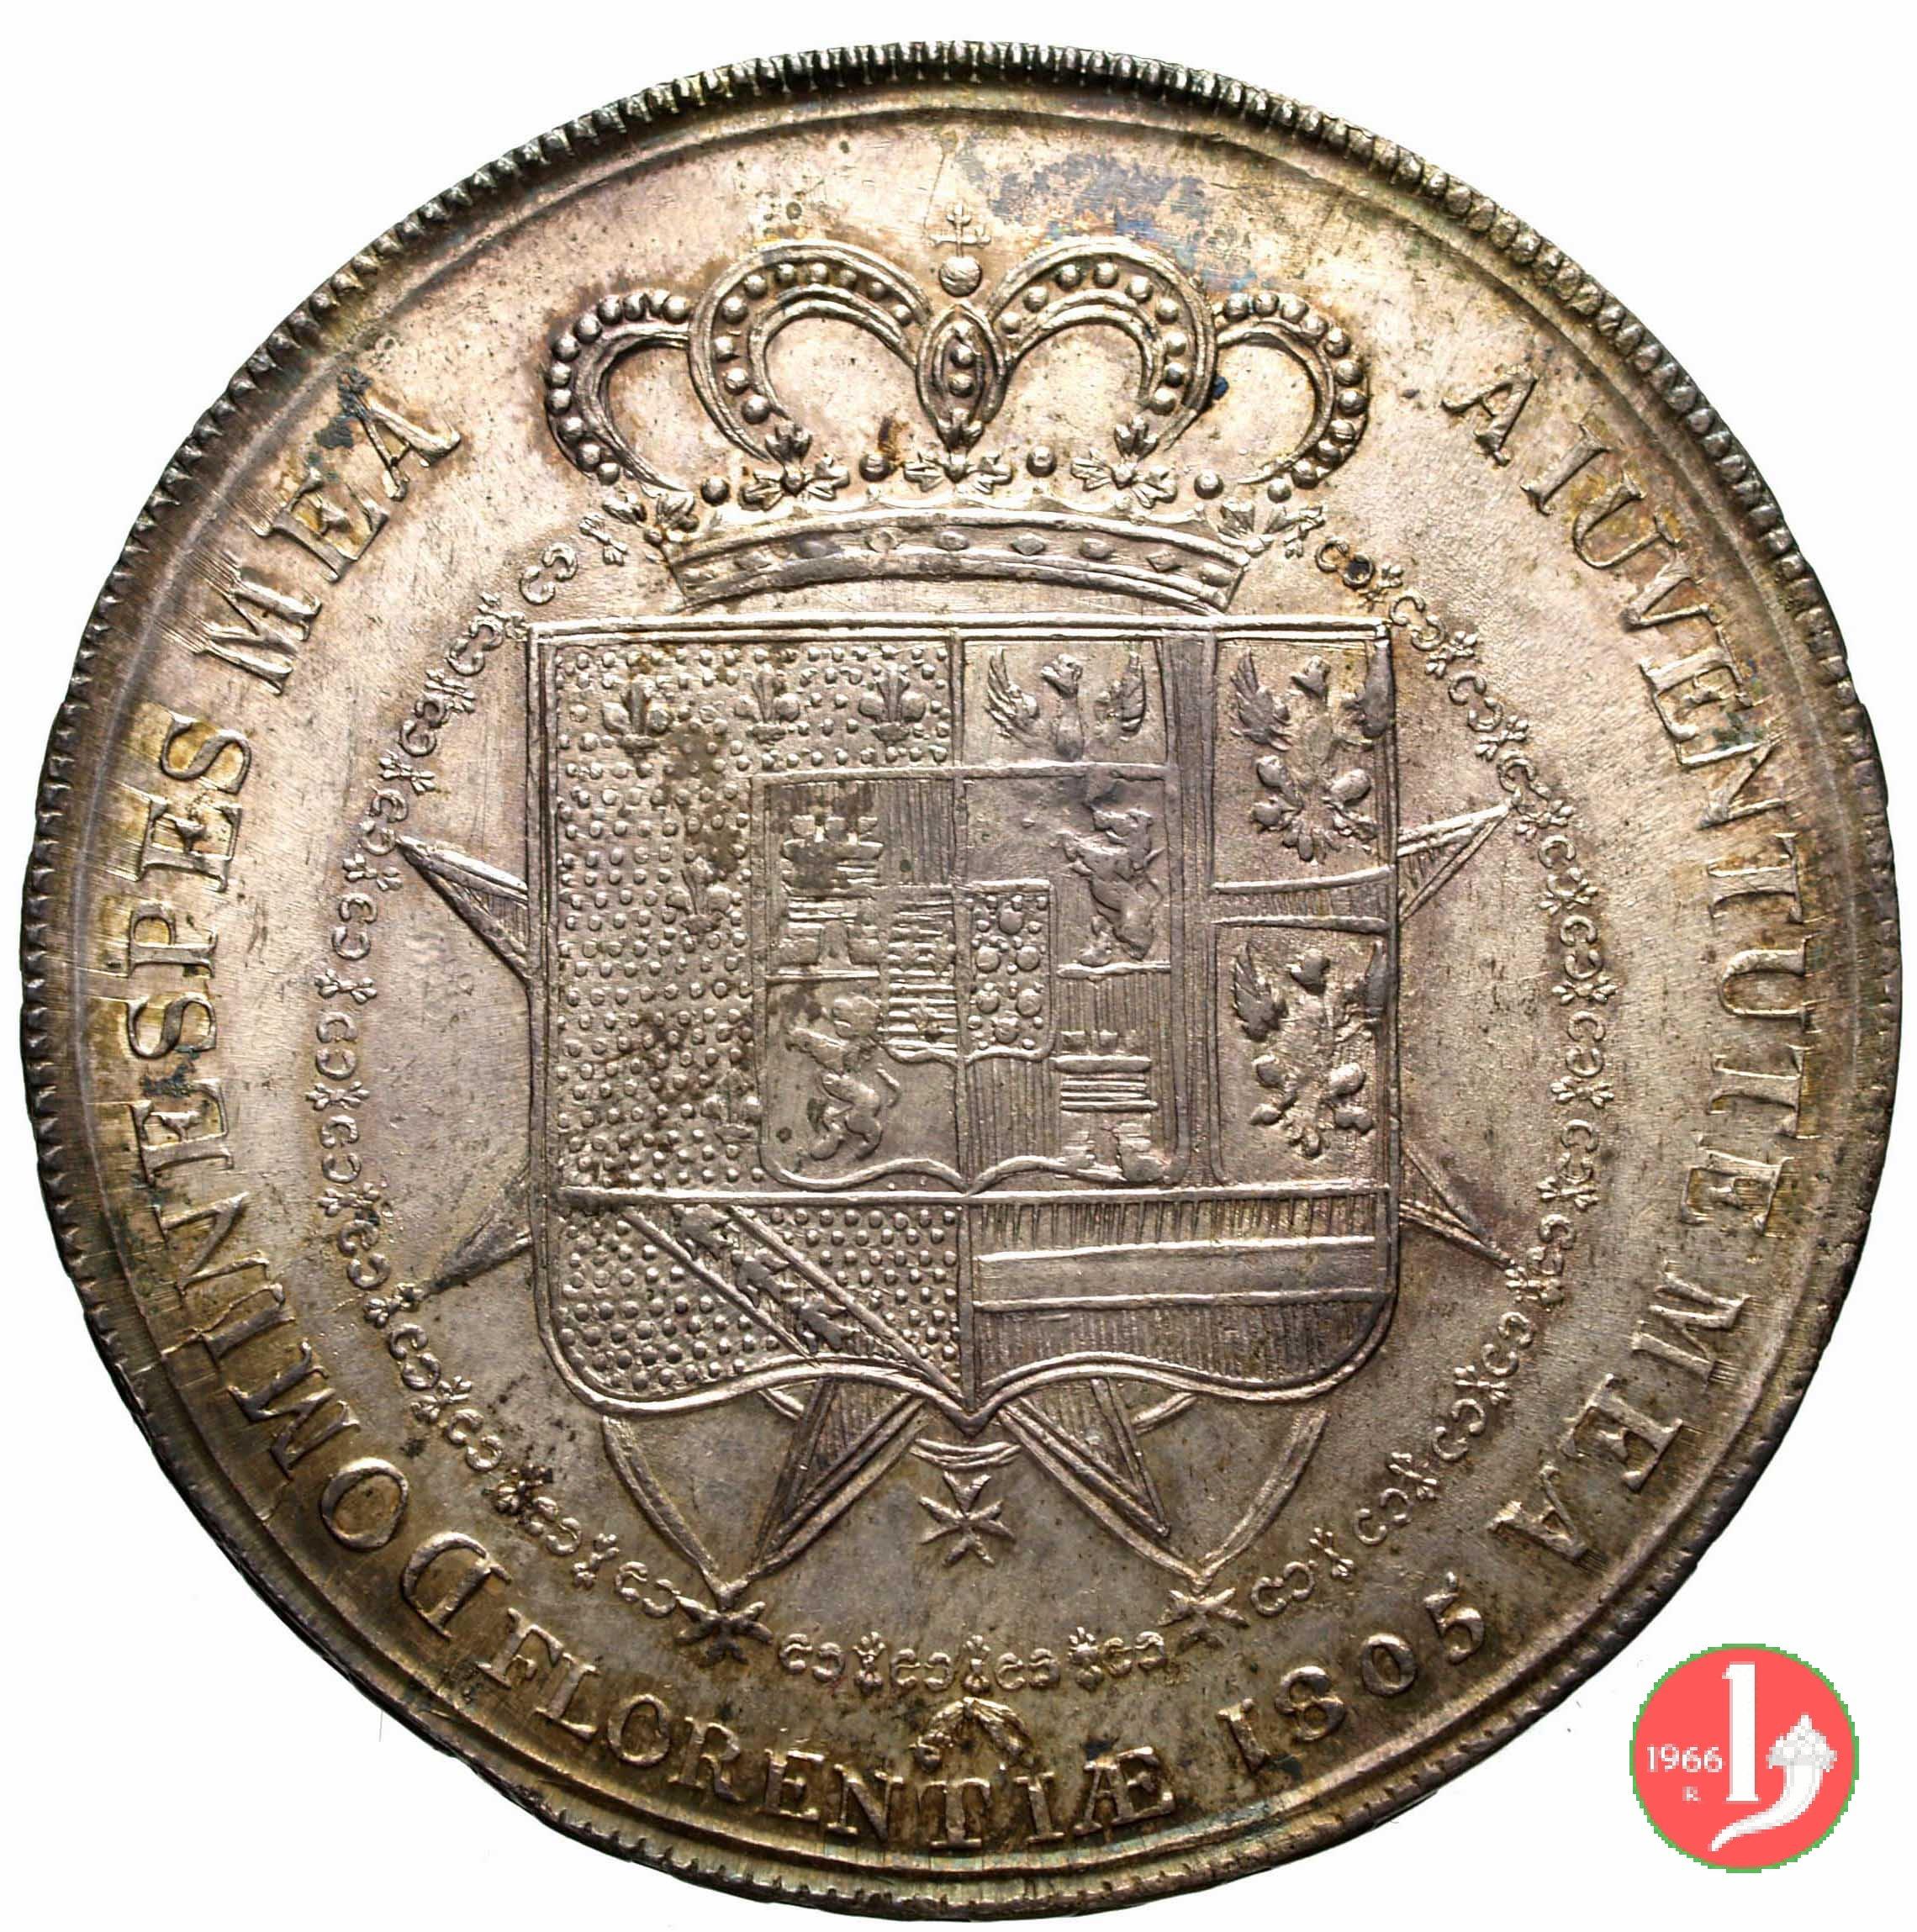 9f916f700d Dena o 10 lire Fiorentine del Regno d'Etruria sotto Carlo Ludovico ...